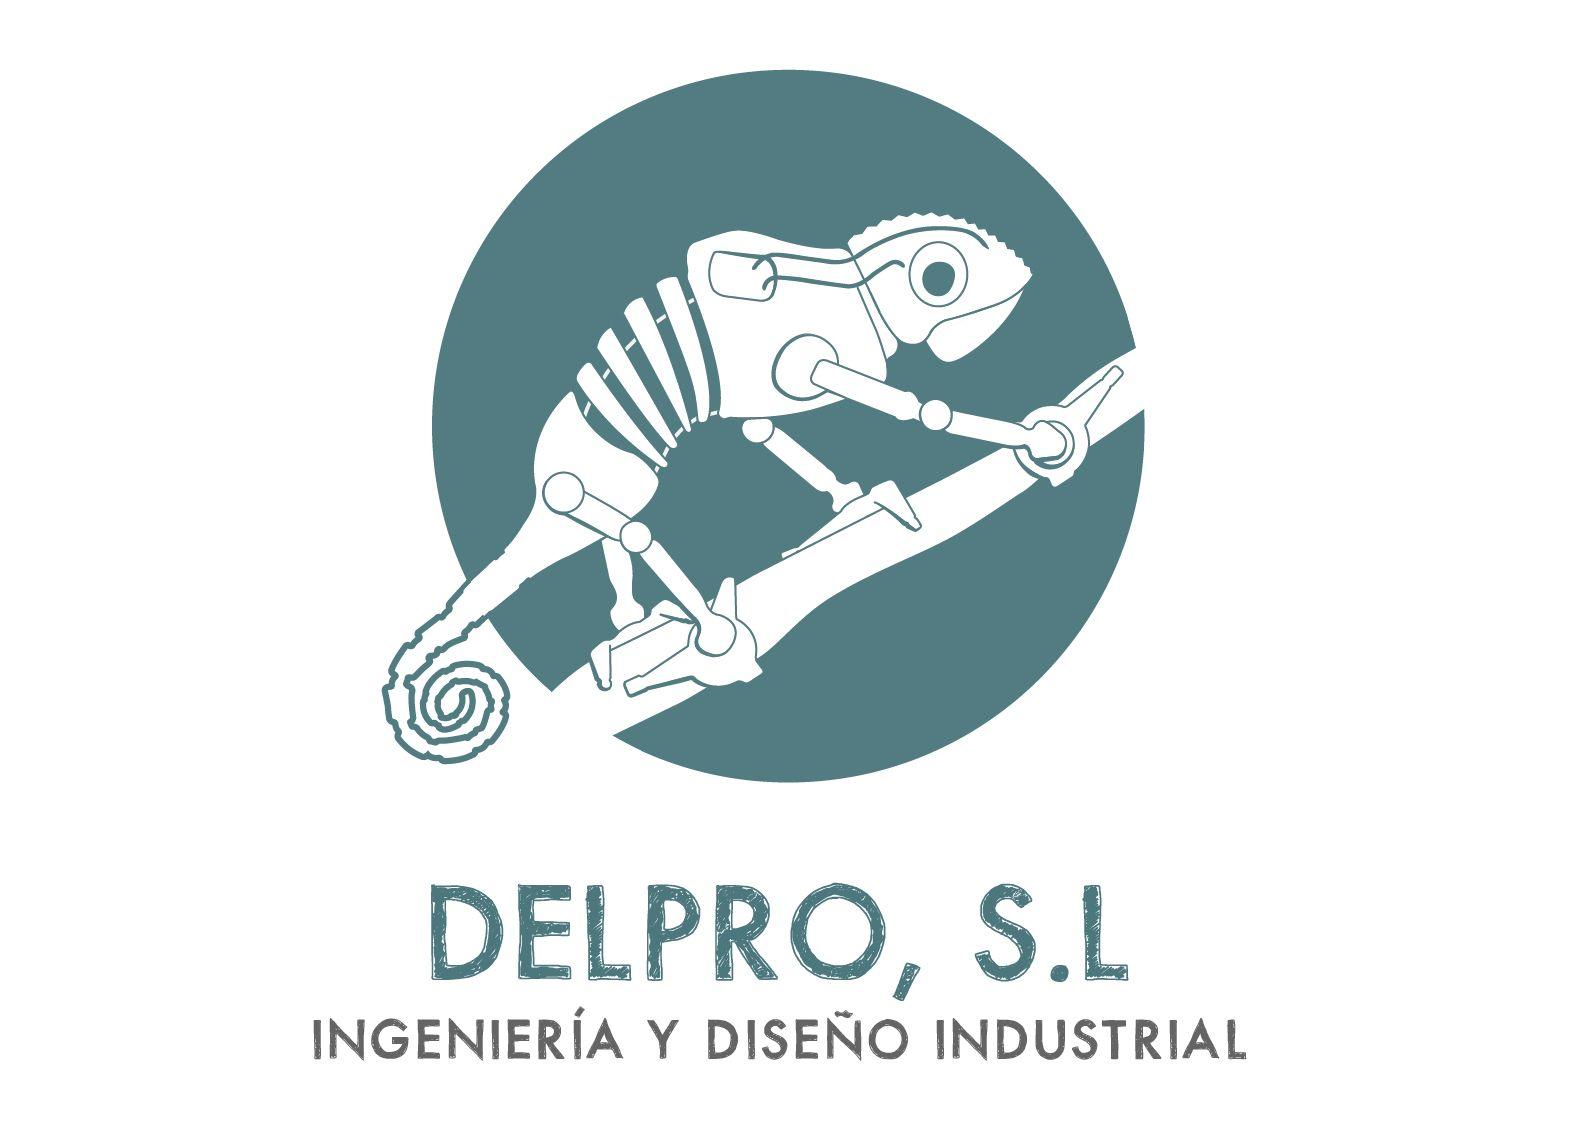 Nuevo logotipo Delpro